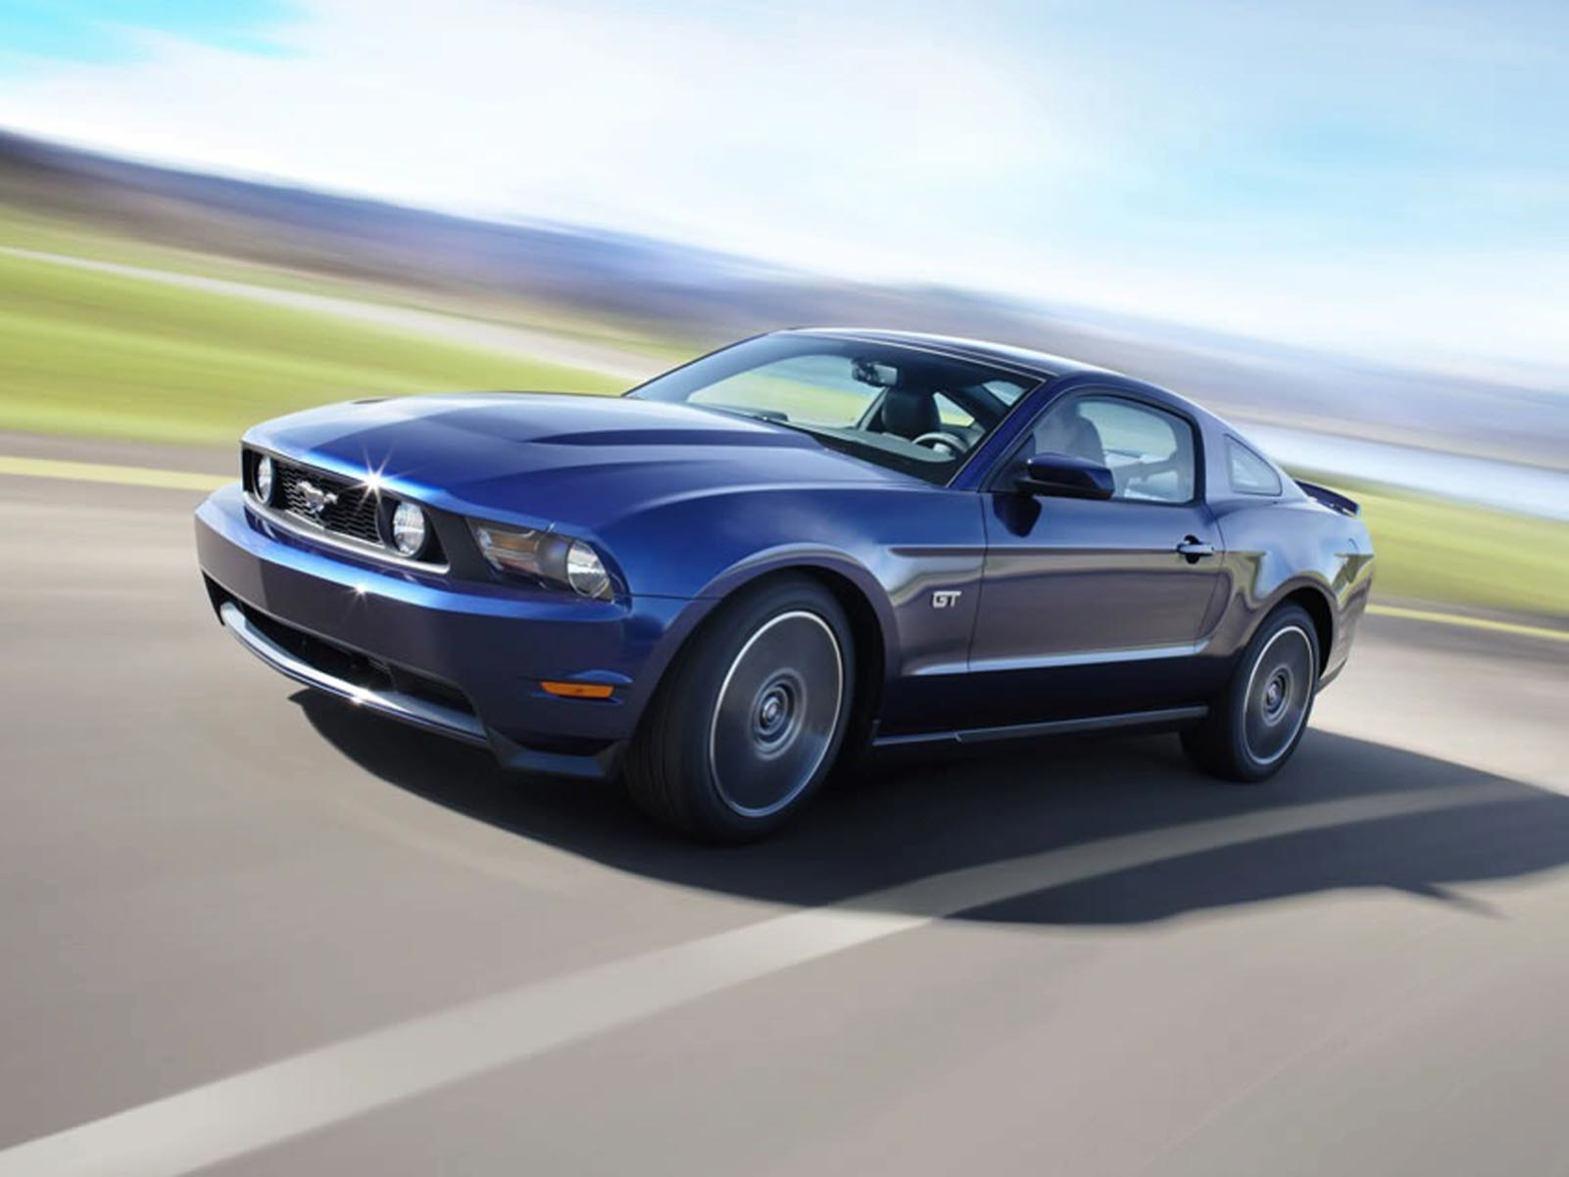 Les nouvelles photos de : Mustang-2010